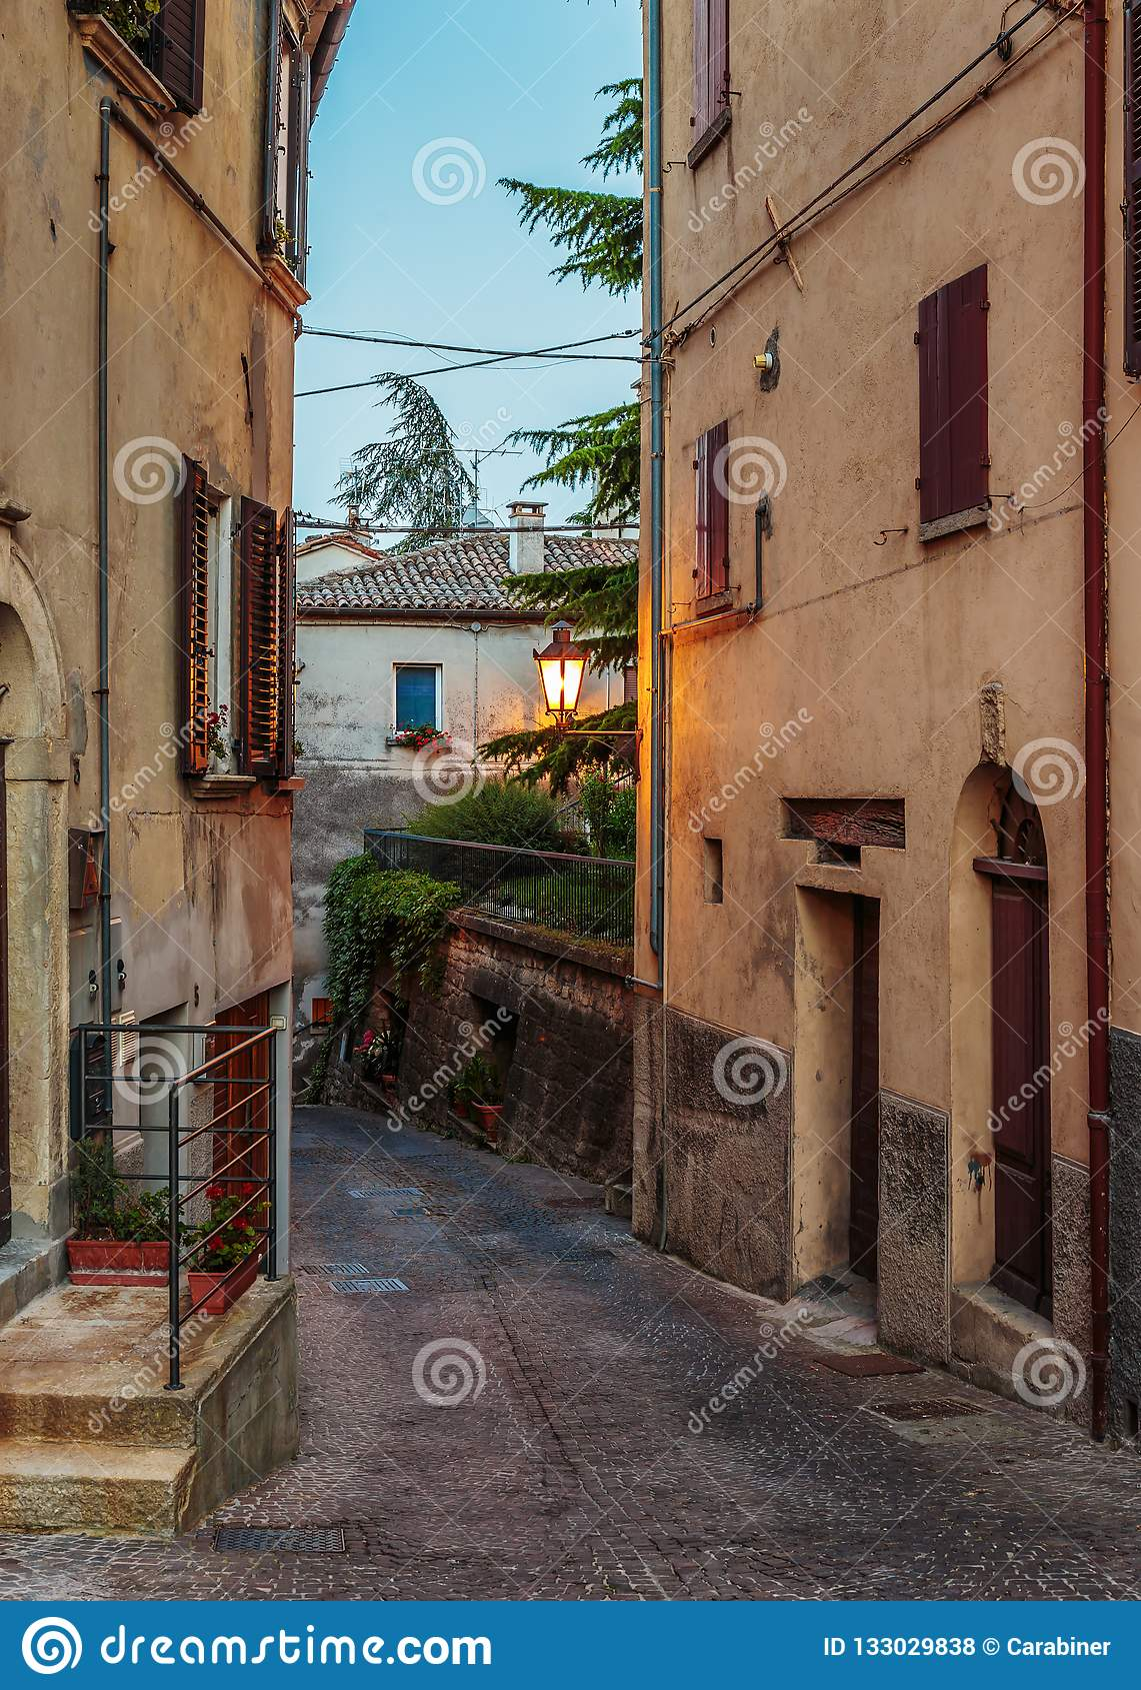 Calle en la ciudad vieja en la noche en Italia